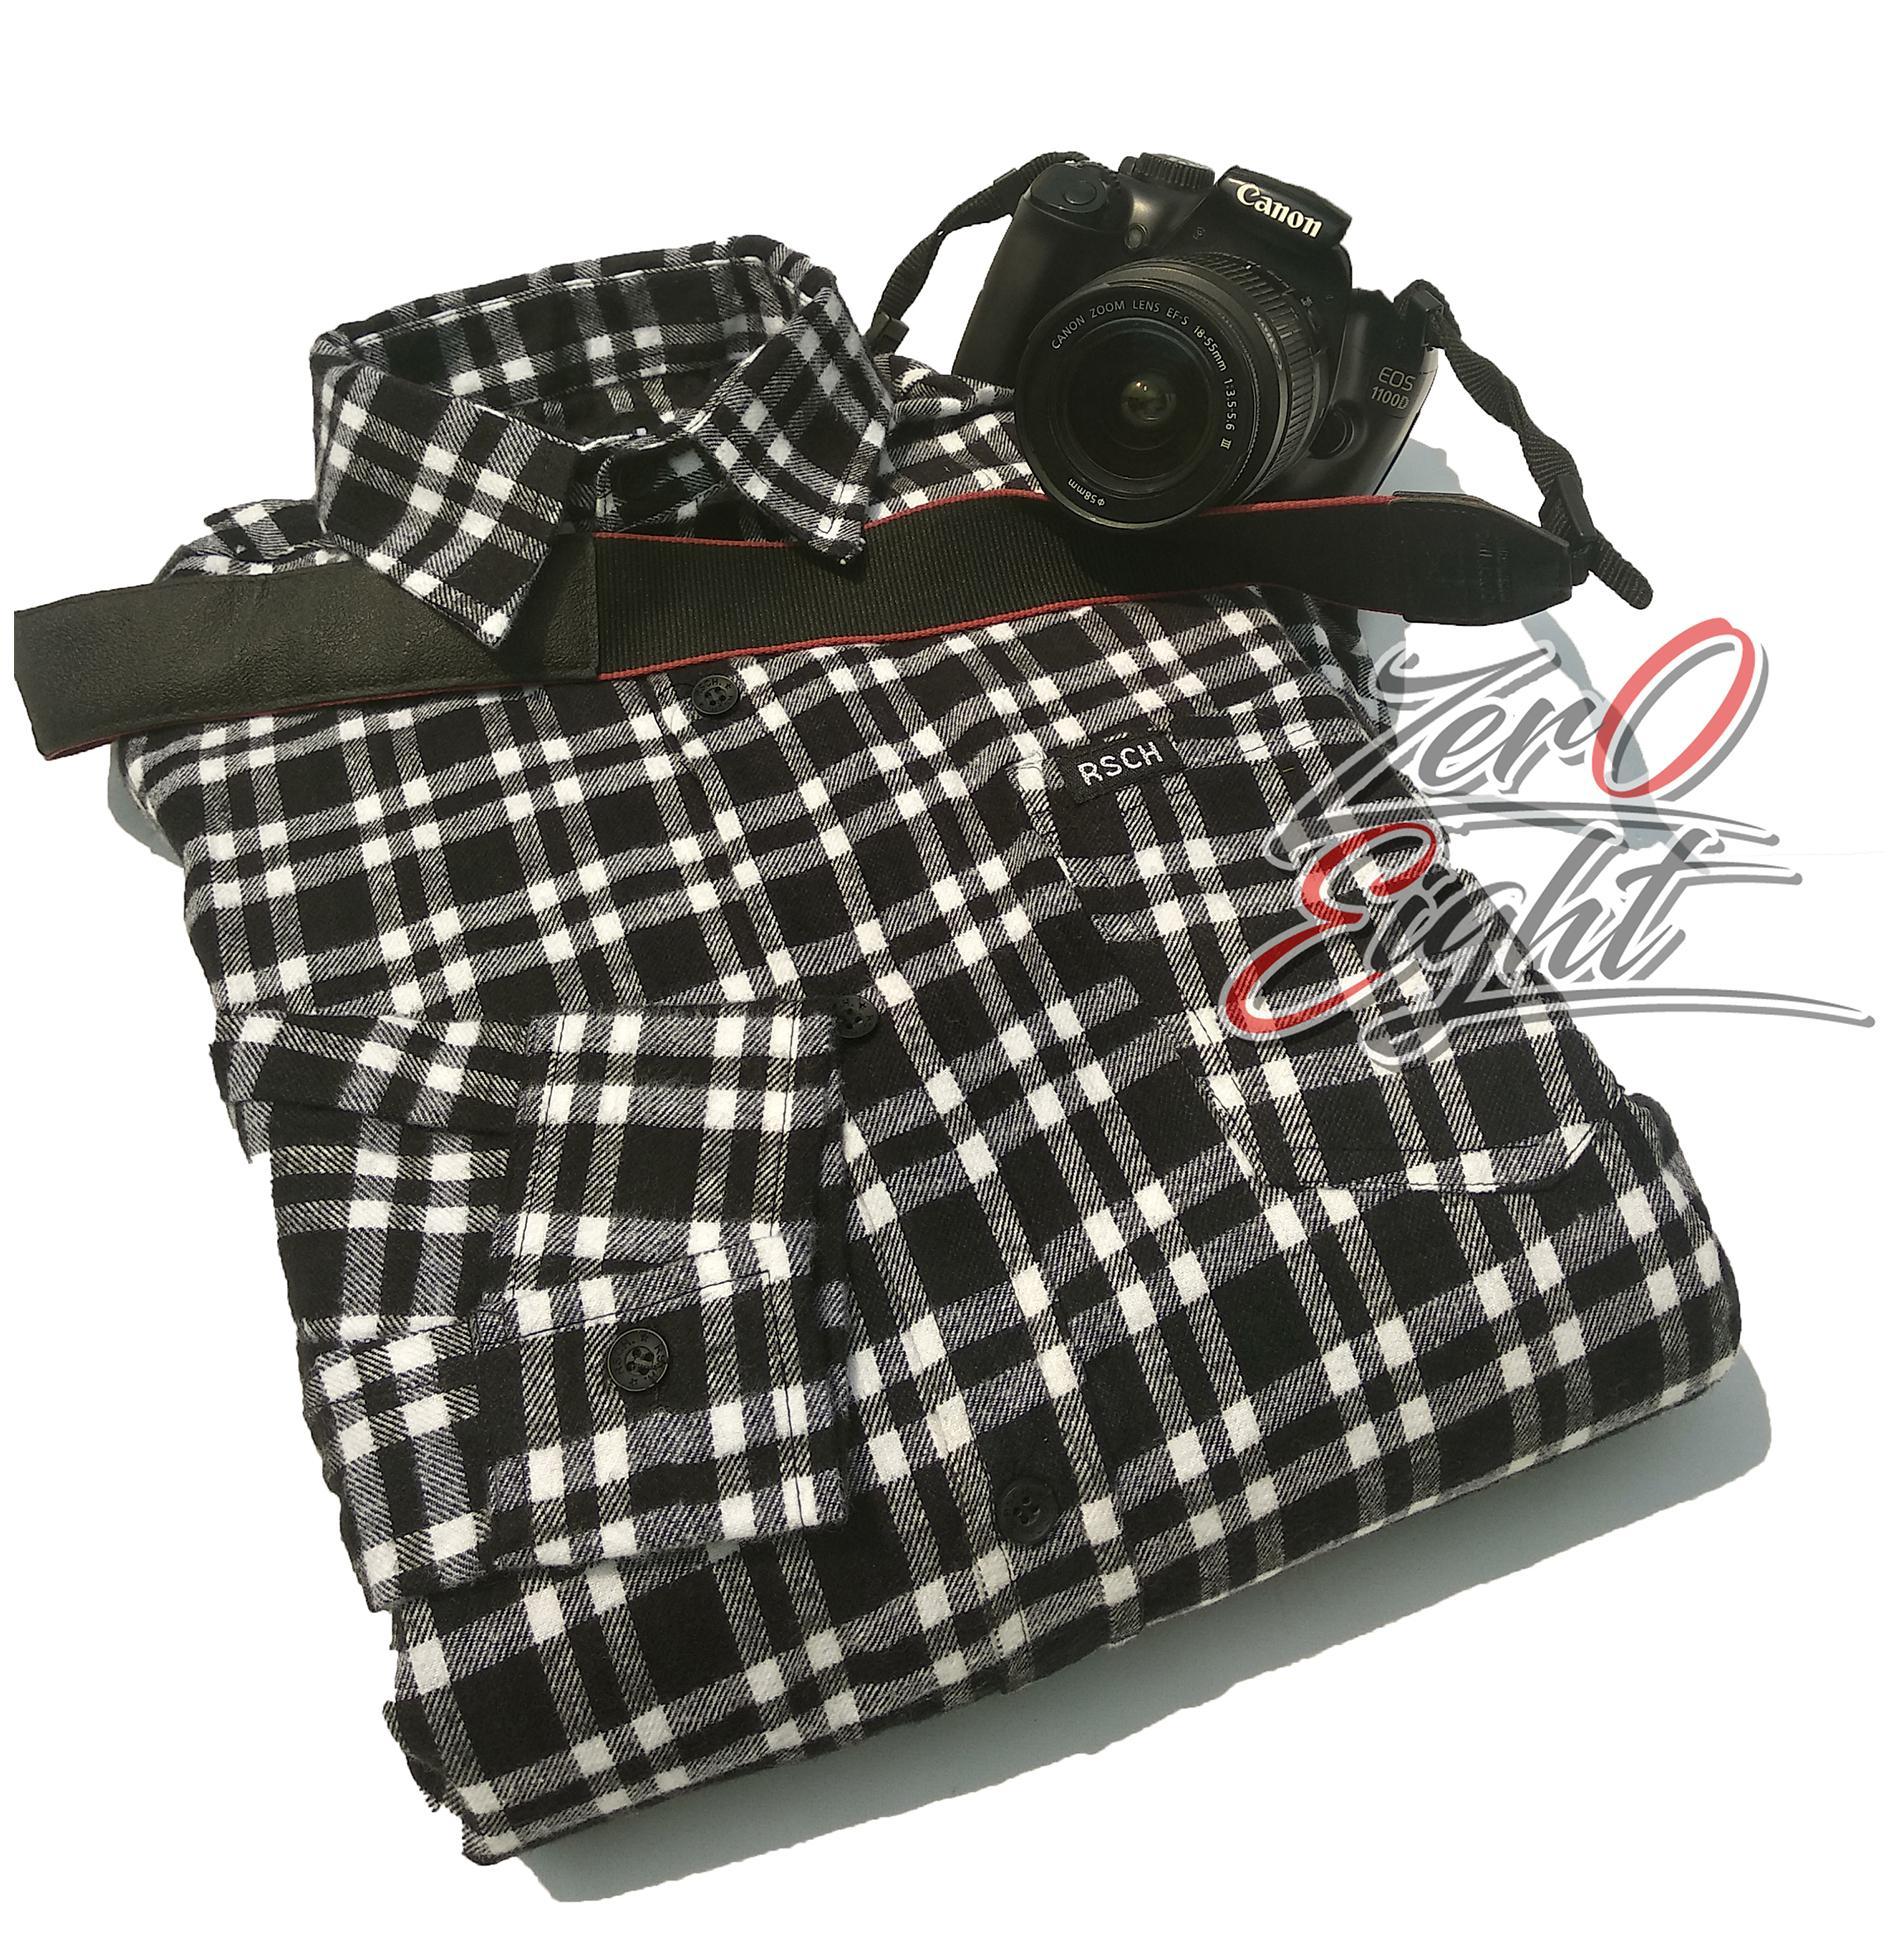 zeroeight-HT- [free acc/gelang] big size kemeja pria kotak kotak / kemeja flanel kotak kotak pria dan wanita / kemeja pria dan wanita kotak kotak flanel big size M - L - XL - XXL - XXXL kemeja flanel kotak kotak bahan cotton tidak berbulu original - B2/3